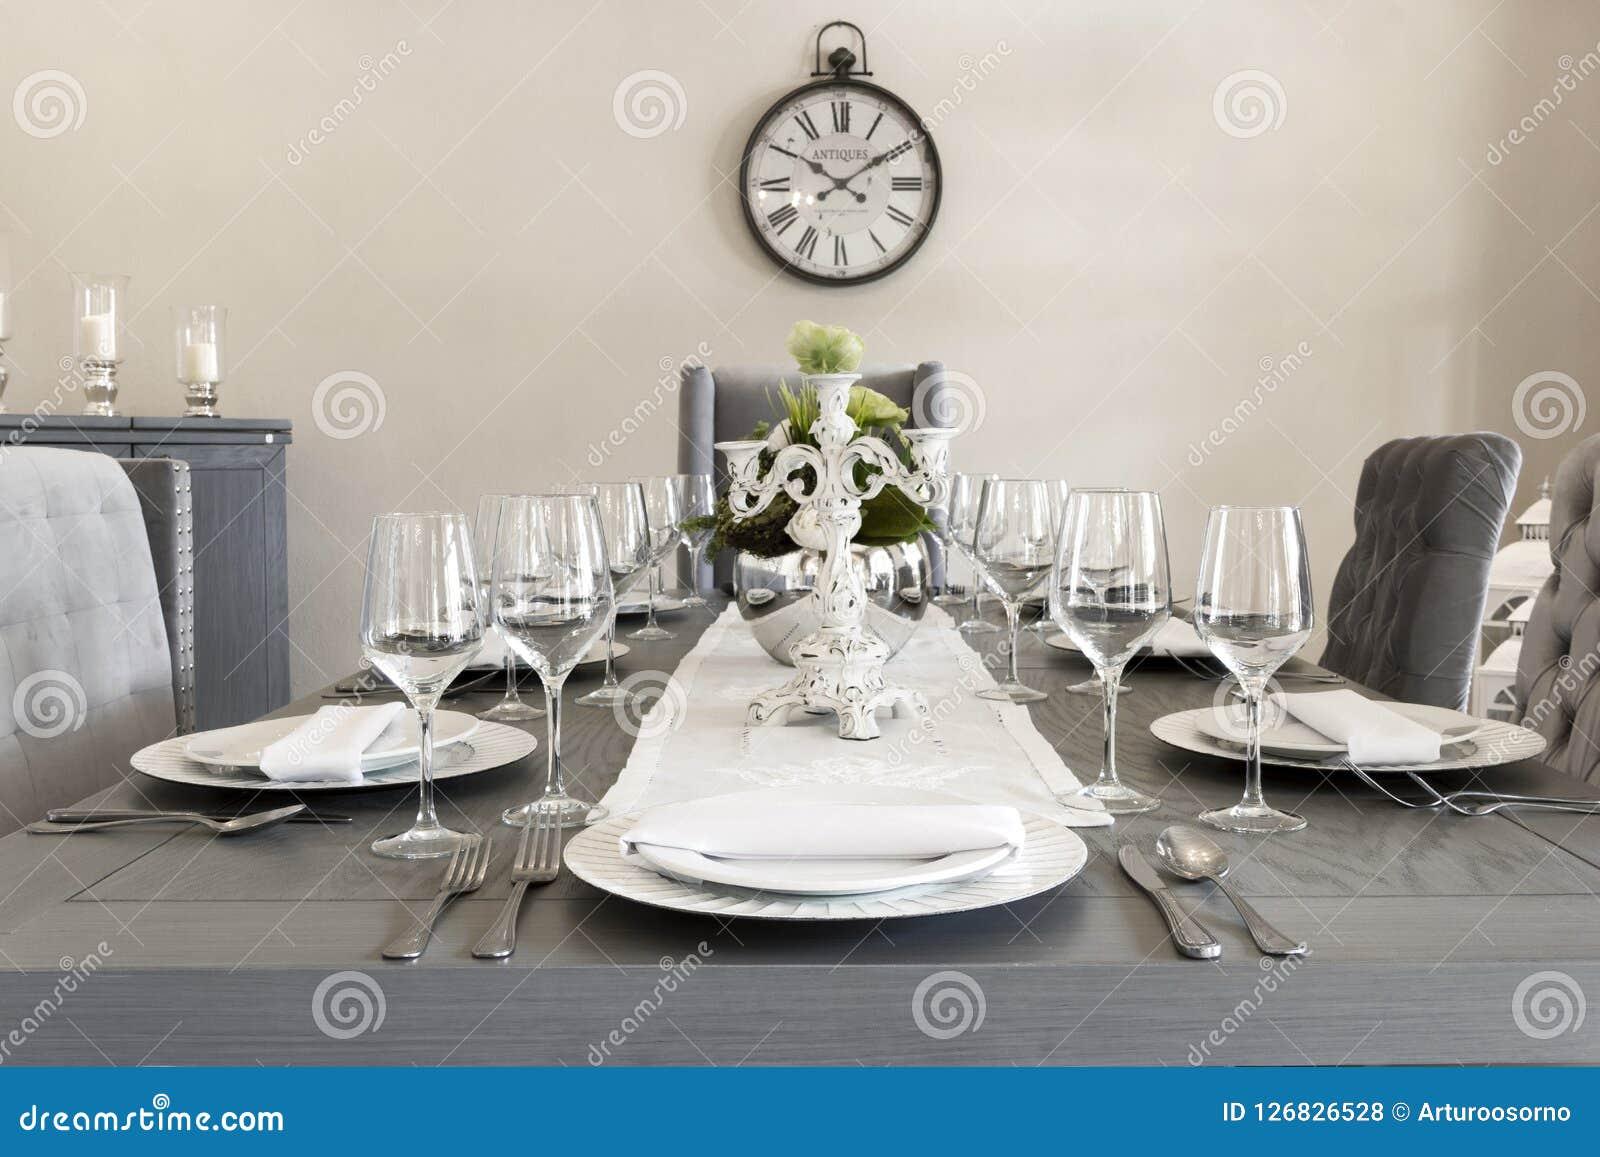 Une salle à manger luxueuse d une maison avec des verres et des plats